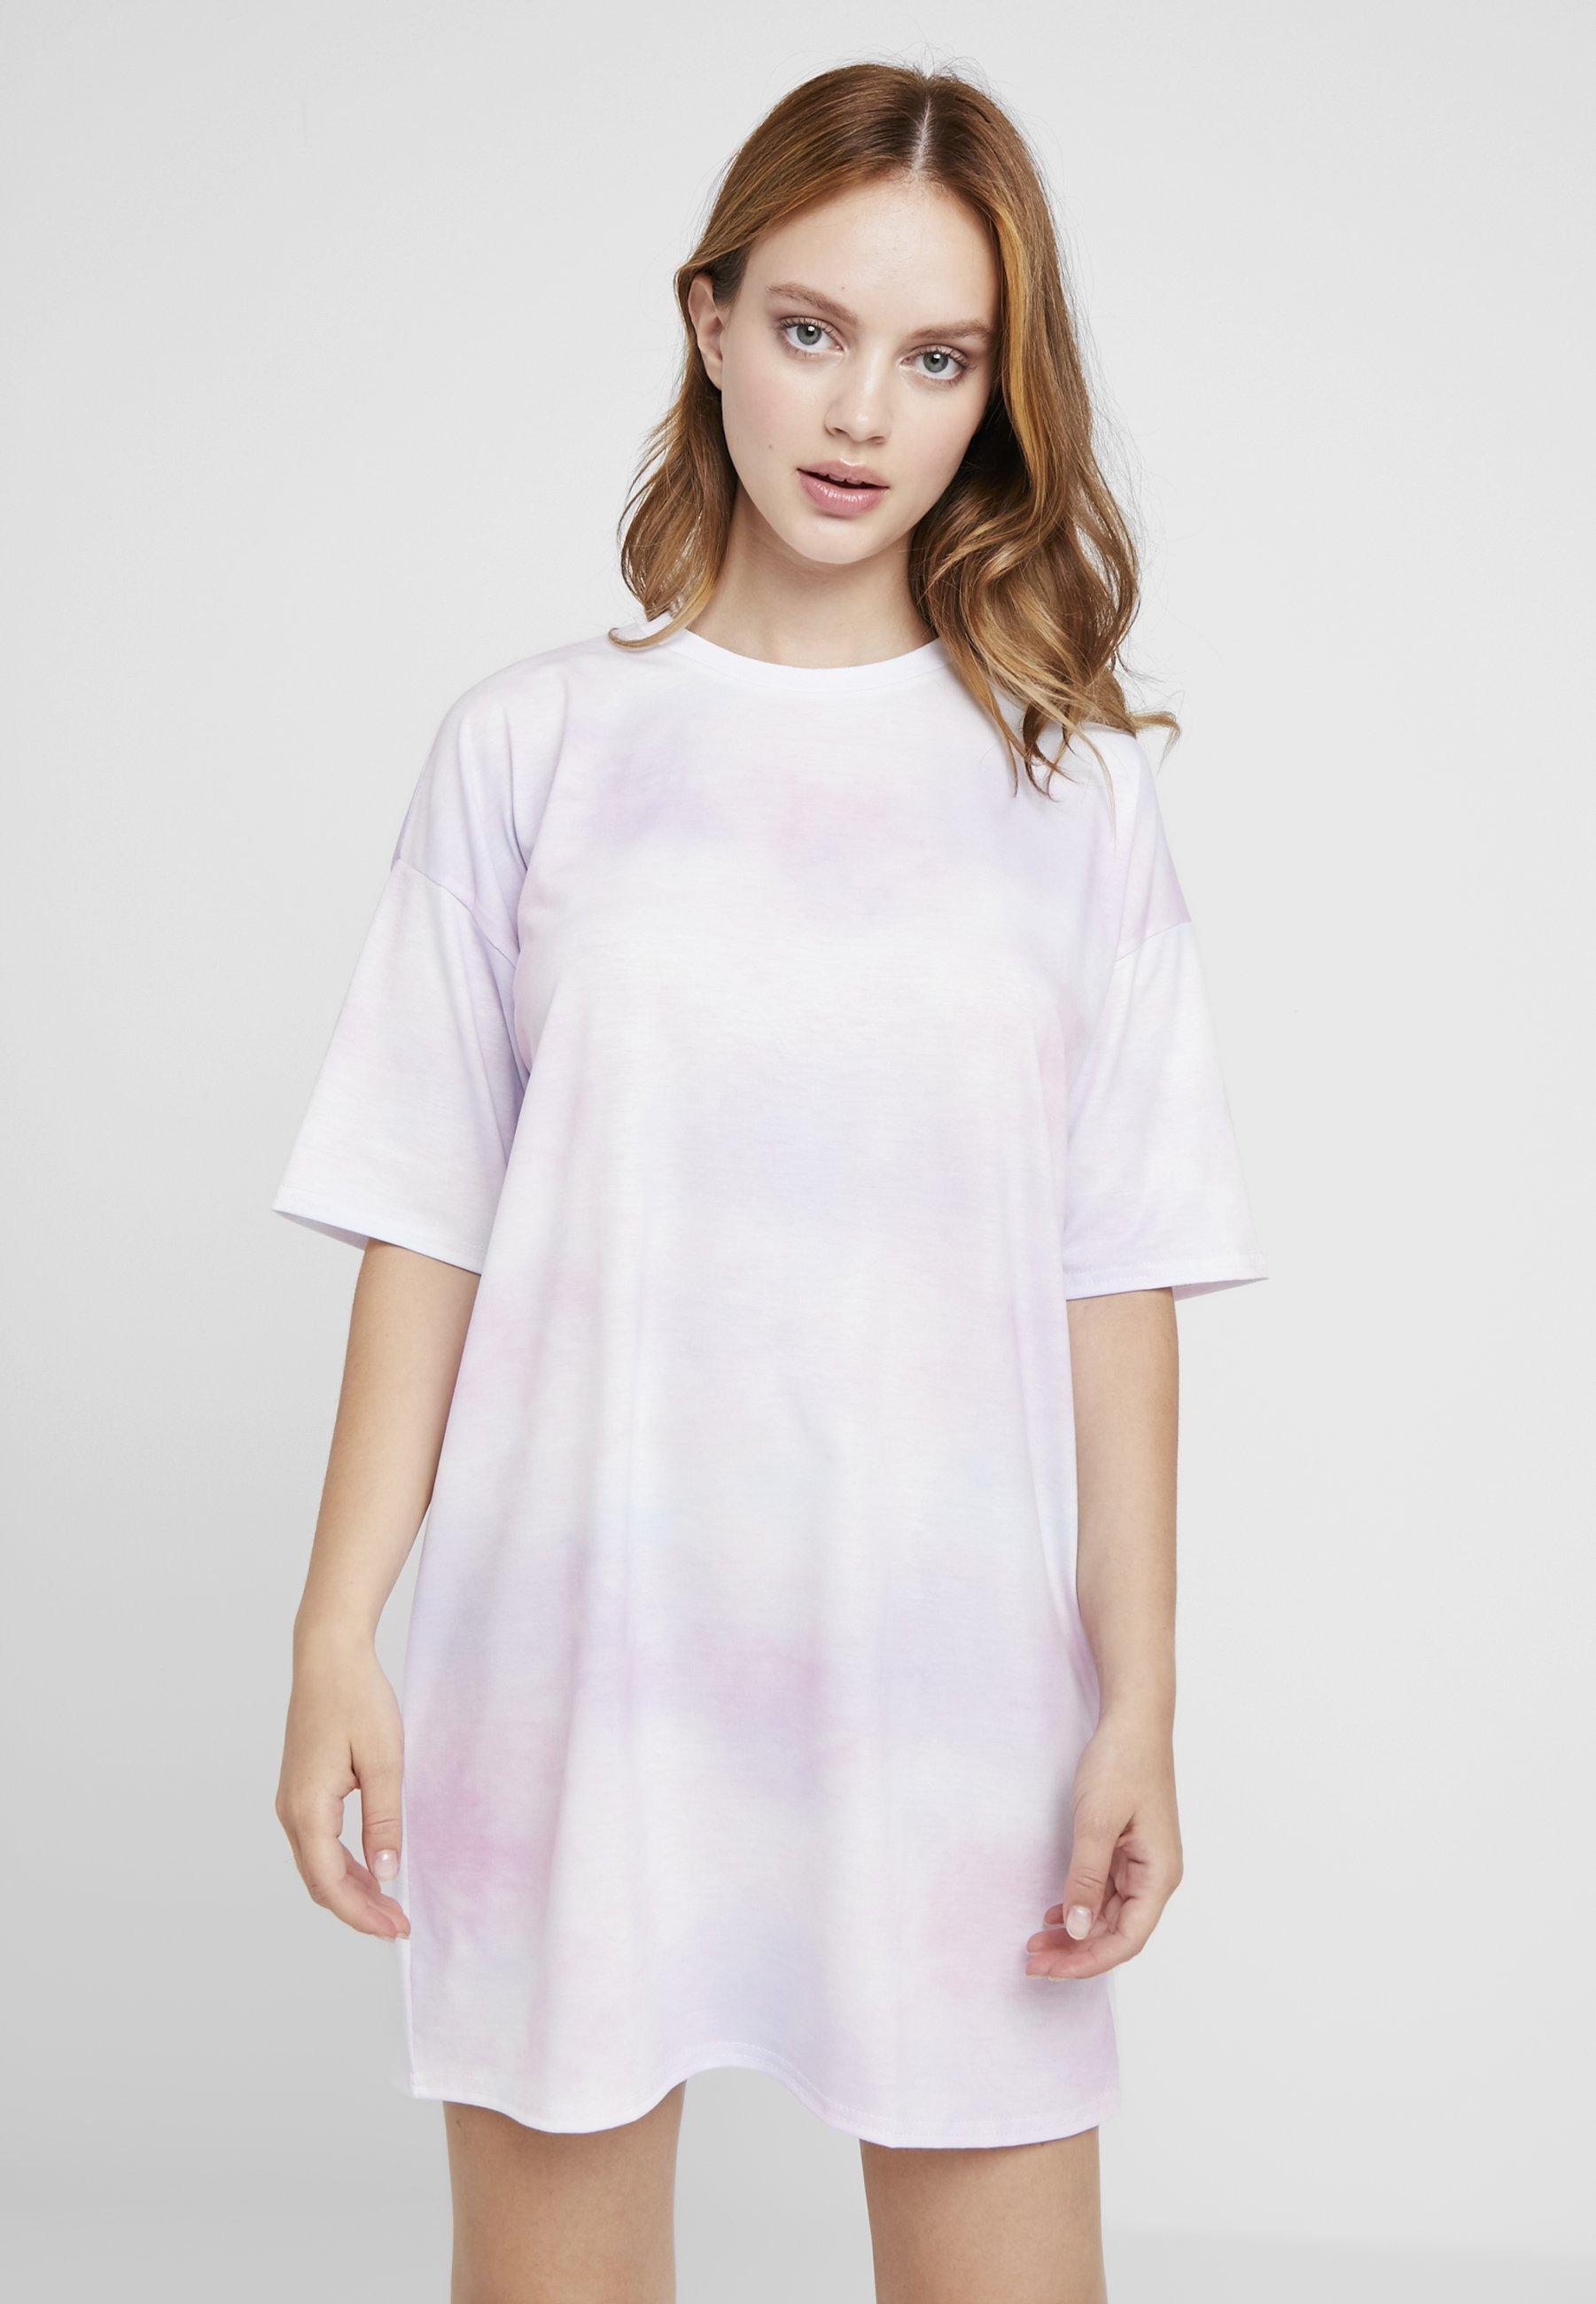 Jersey Lilac Petite DressRobe En Missguided Dye Tie 8ONwnkZ0PX